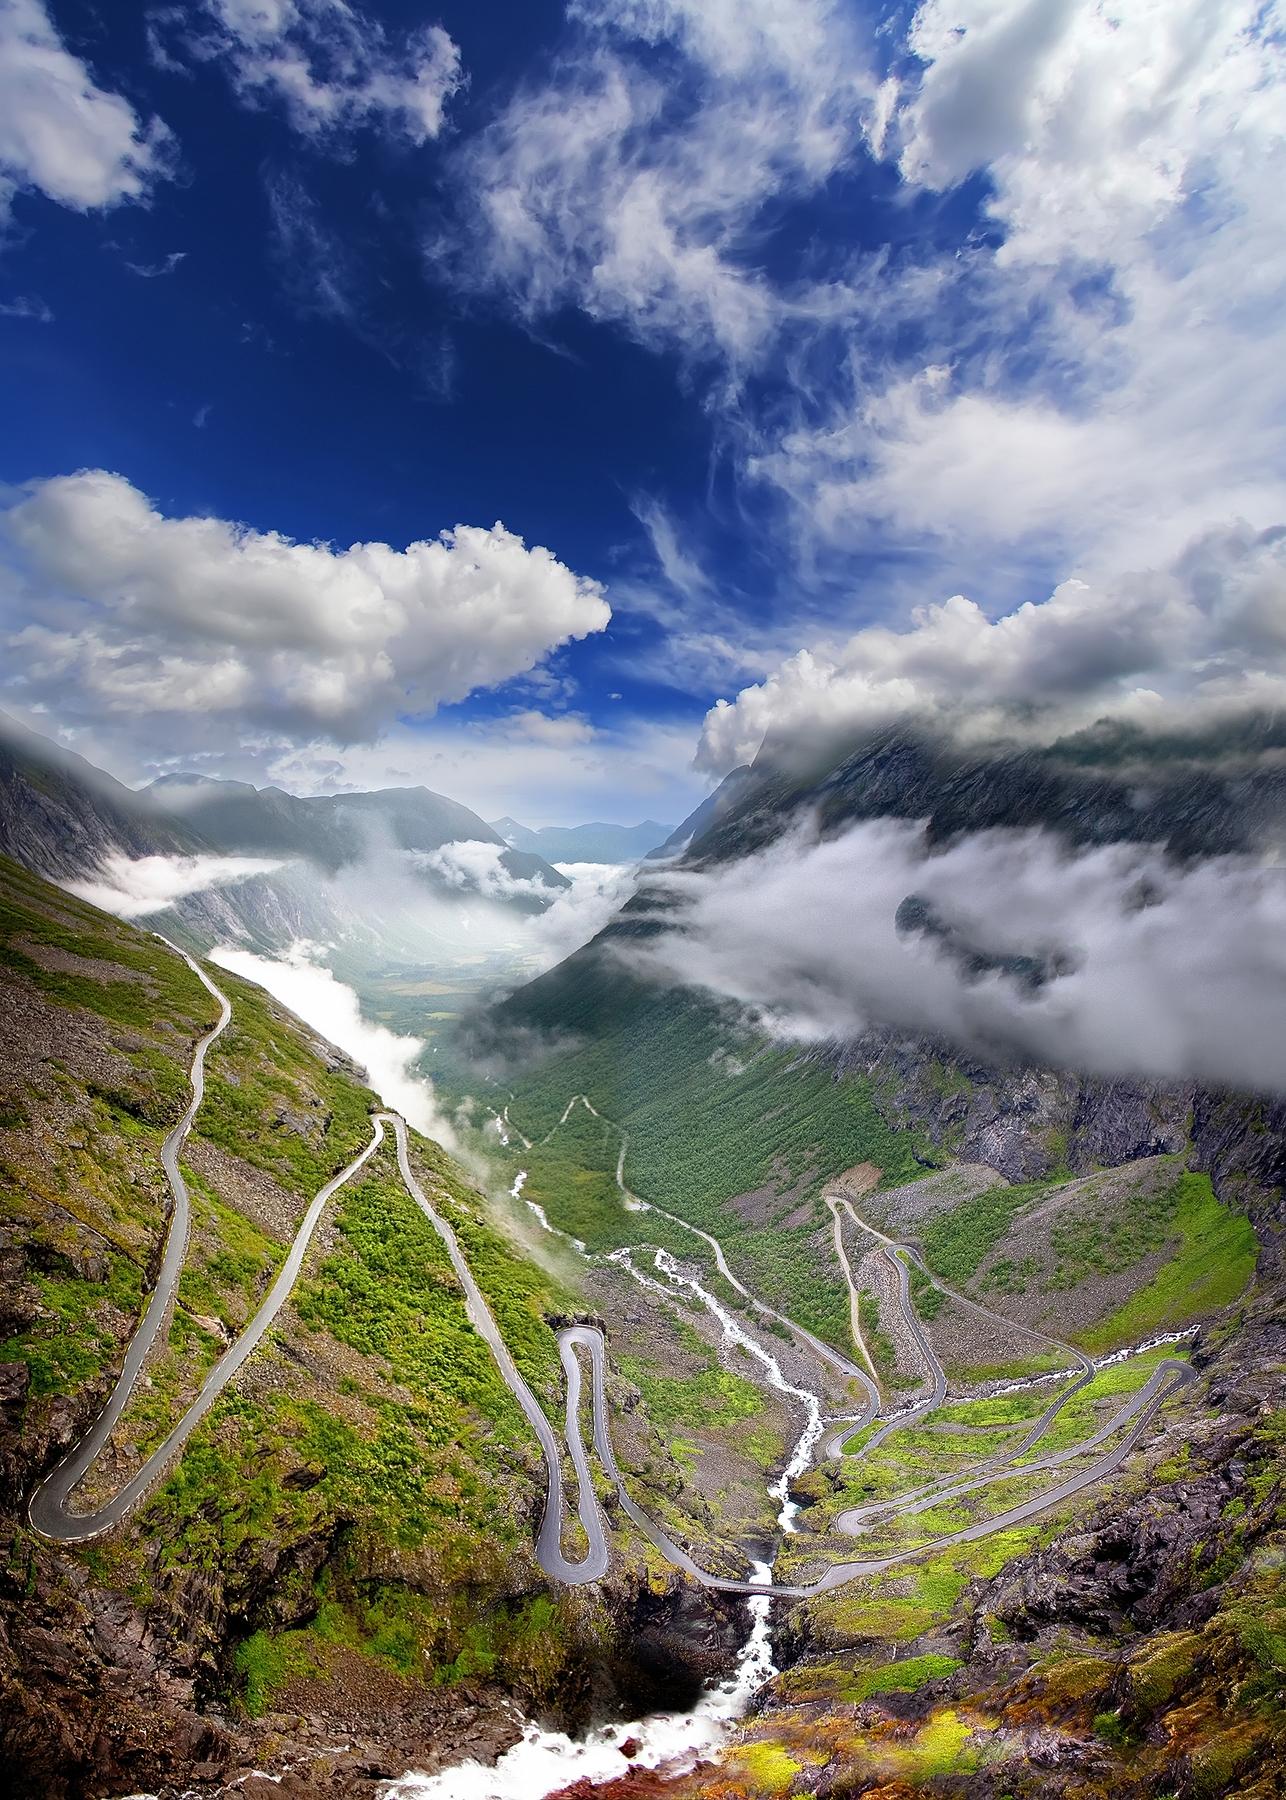 Самые живописные дороги мира. Лестница троллей (норв. Trollstigen, Дорога троллей) — одно из самых популярных и посещаемых туристических мест в Норвегии. Находится в северной части западной Норвегии